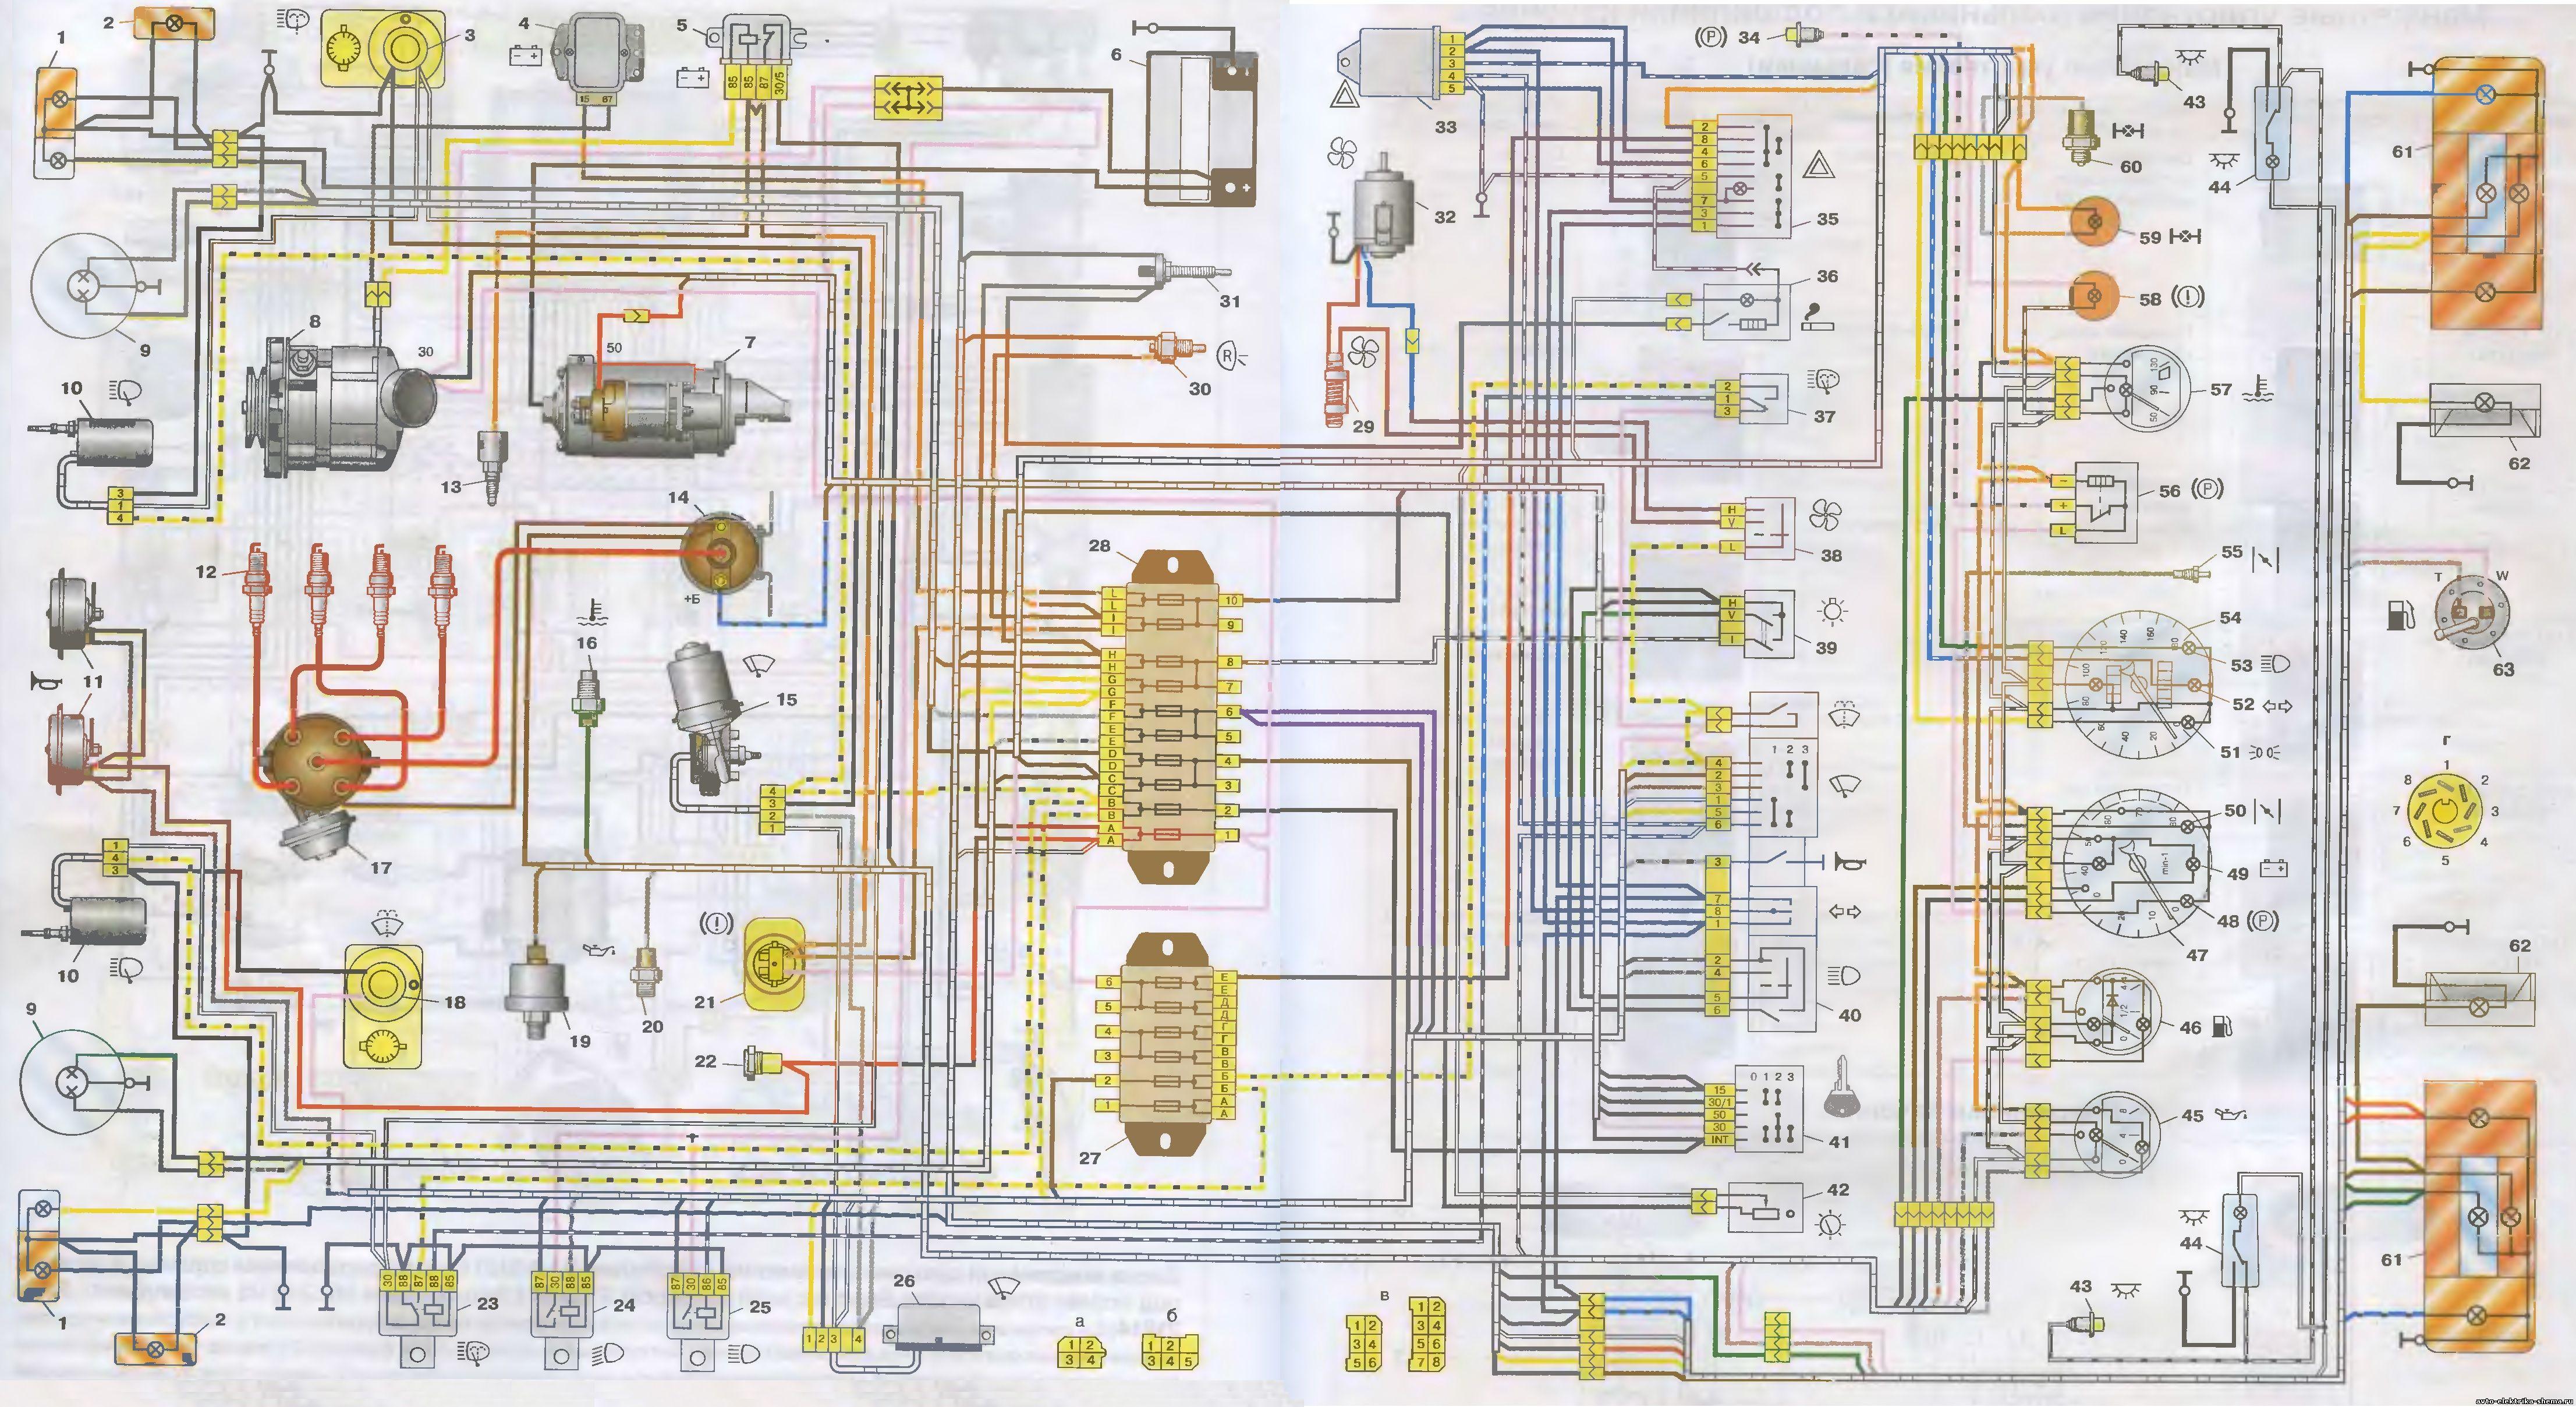 2121 - Схема электрооборудования ваз 2121 нива карбюратор